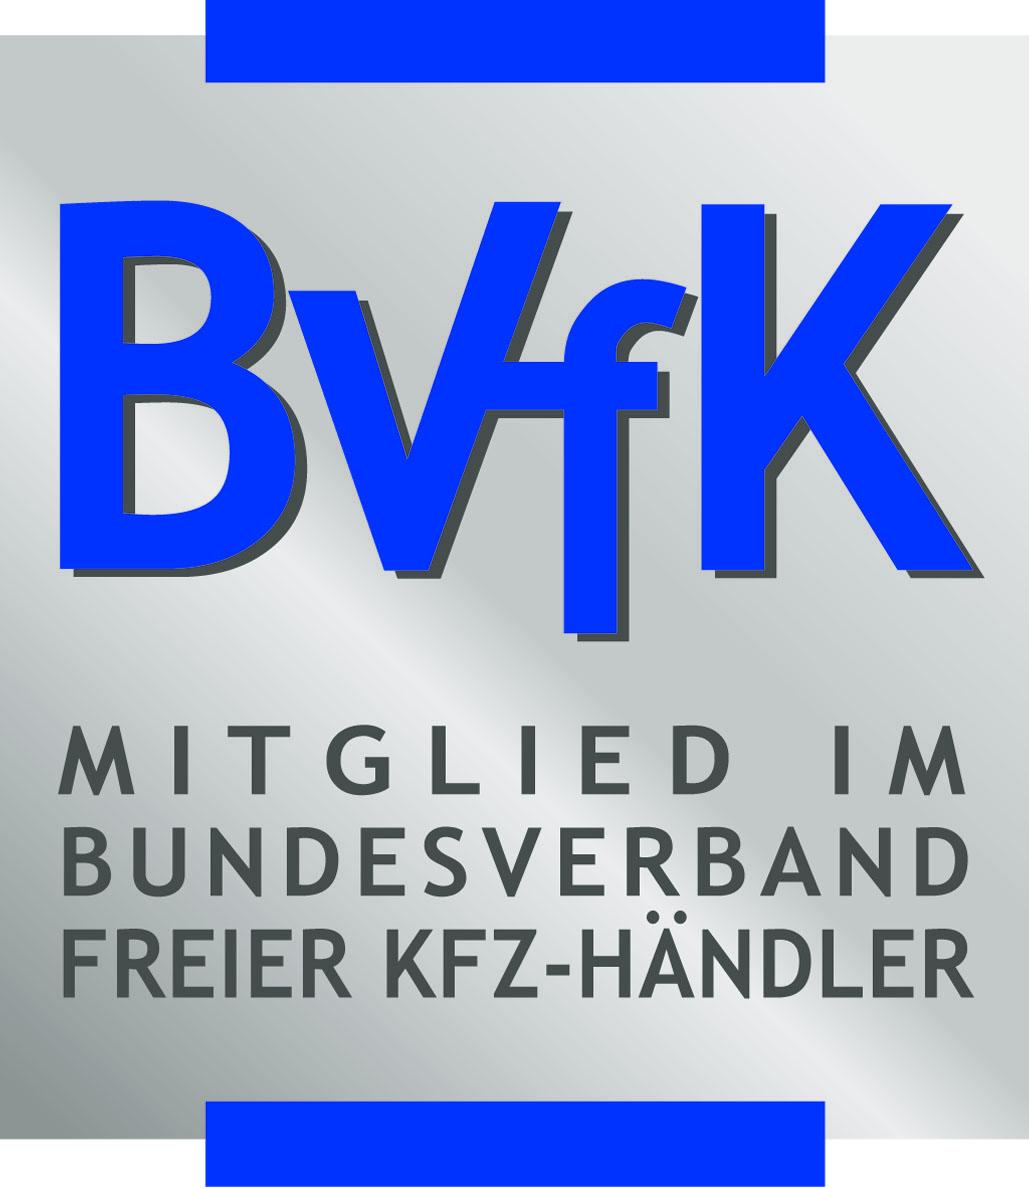 Mitglied im BVfK